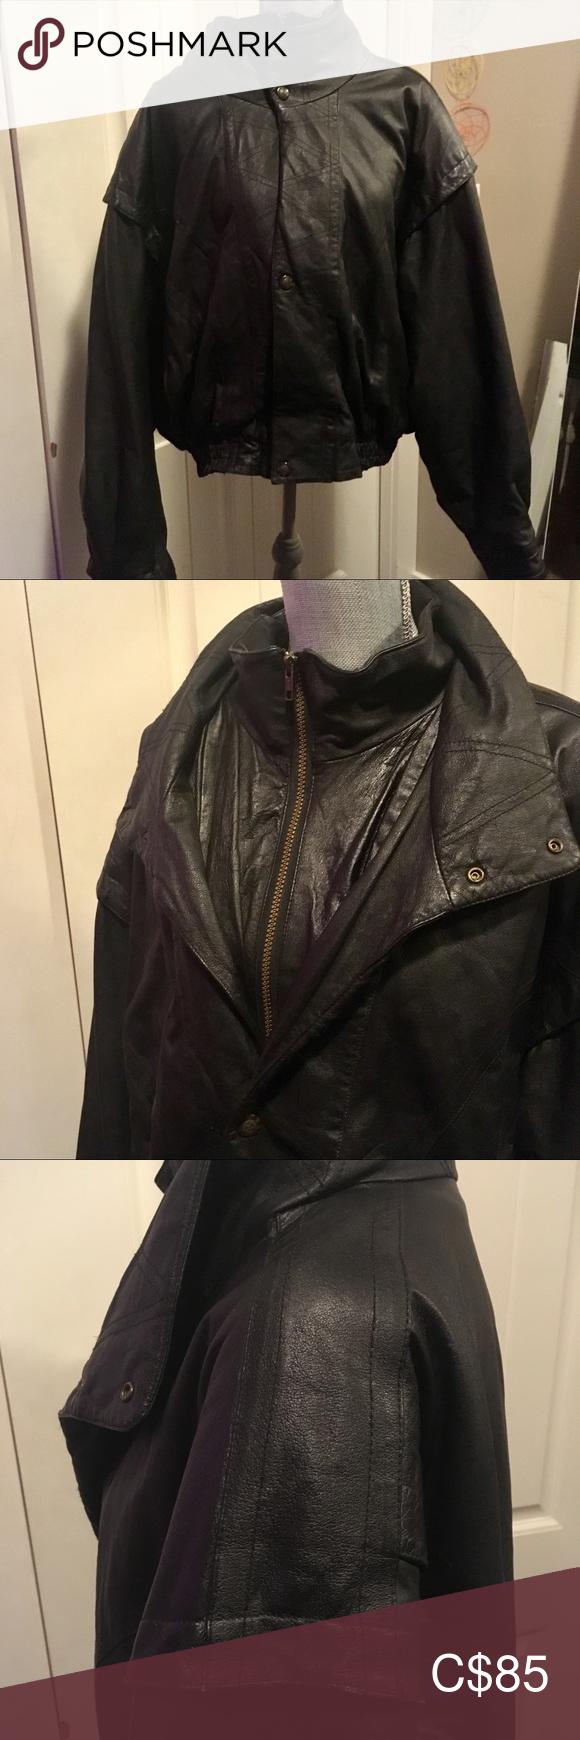 Cosa Nova vintage 80's leather jacket men's XL